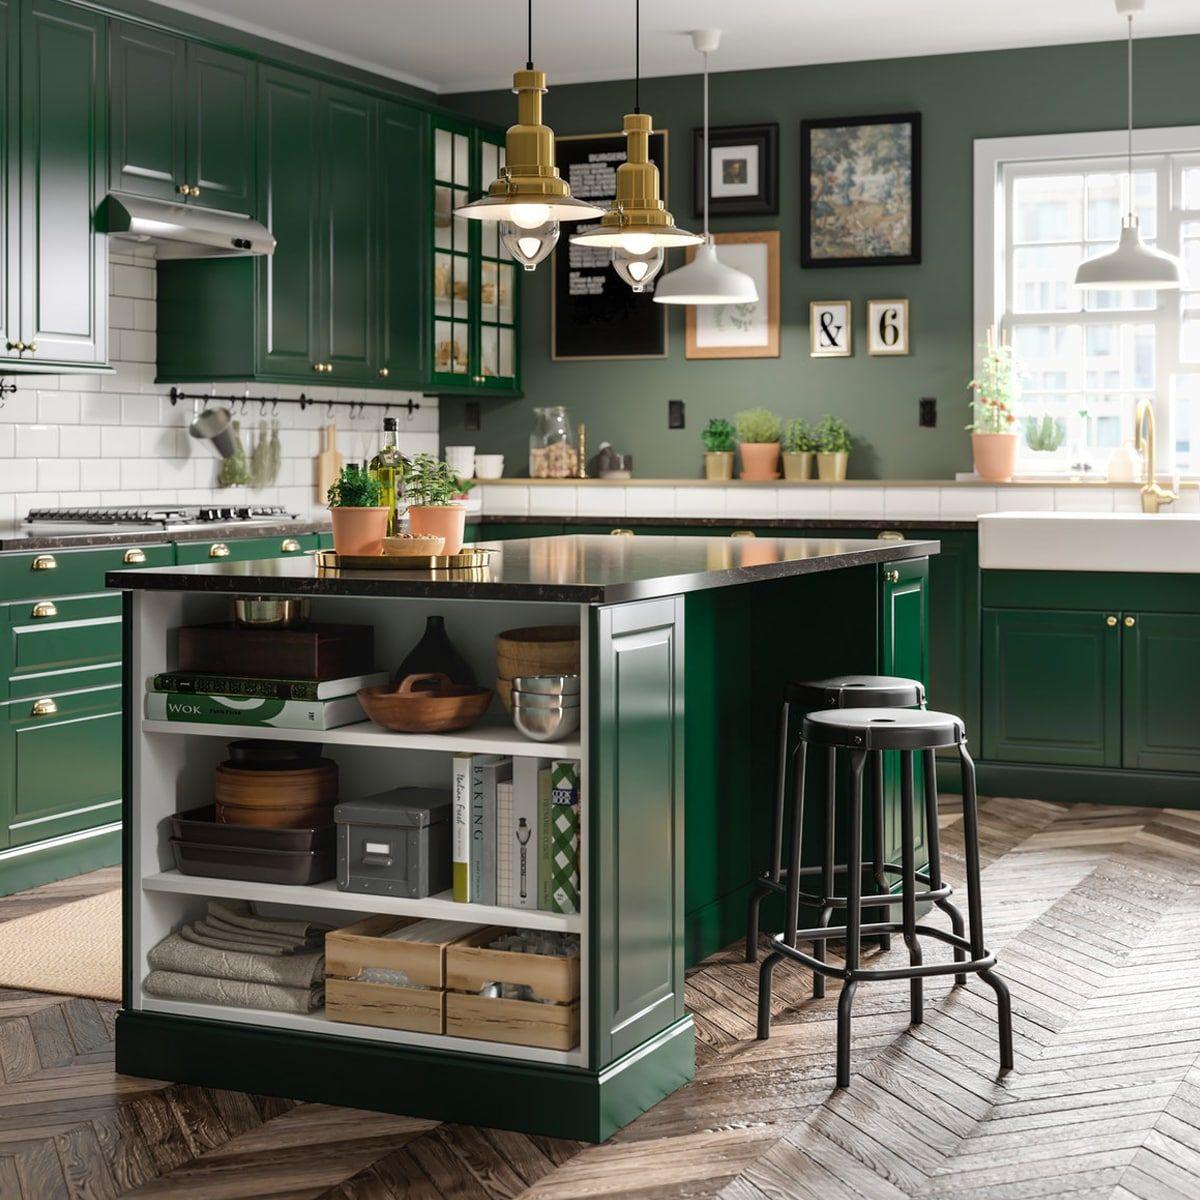 Catalogo Cucine Ikea 2021 Nuove Finiture E Soluzioni Low Budget